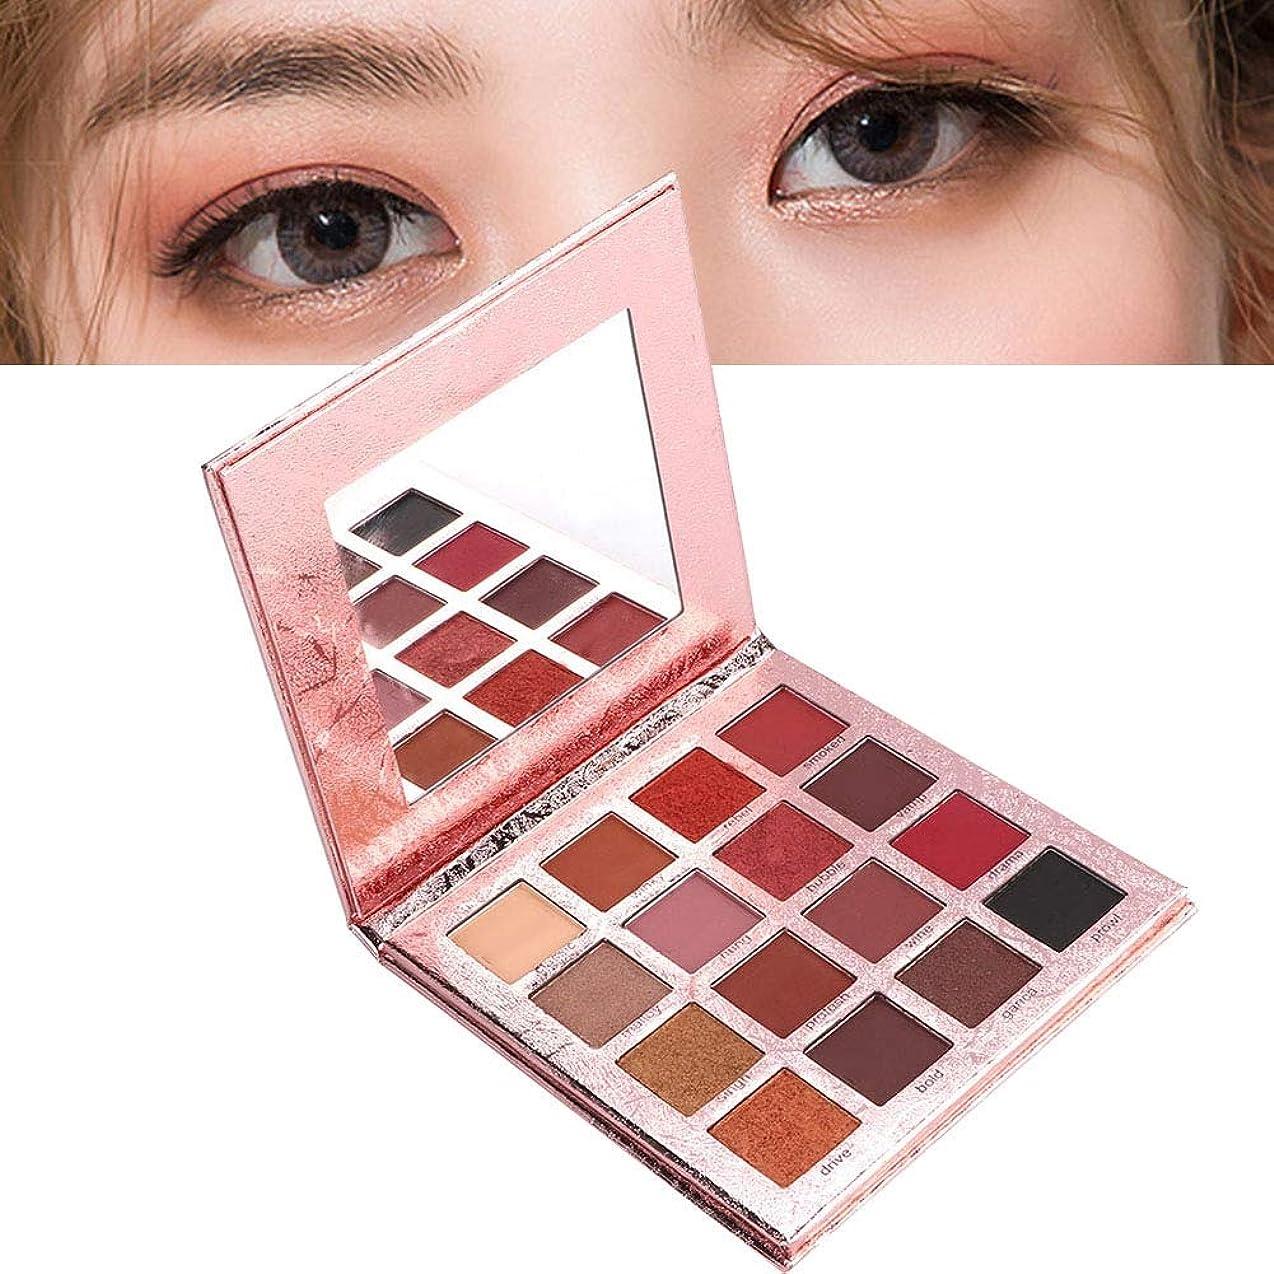 シャーカブ大量アイシャドウパレット 化粧マット 化粧品ツール 16色 グロス アイシャドウパウダー